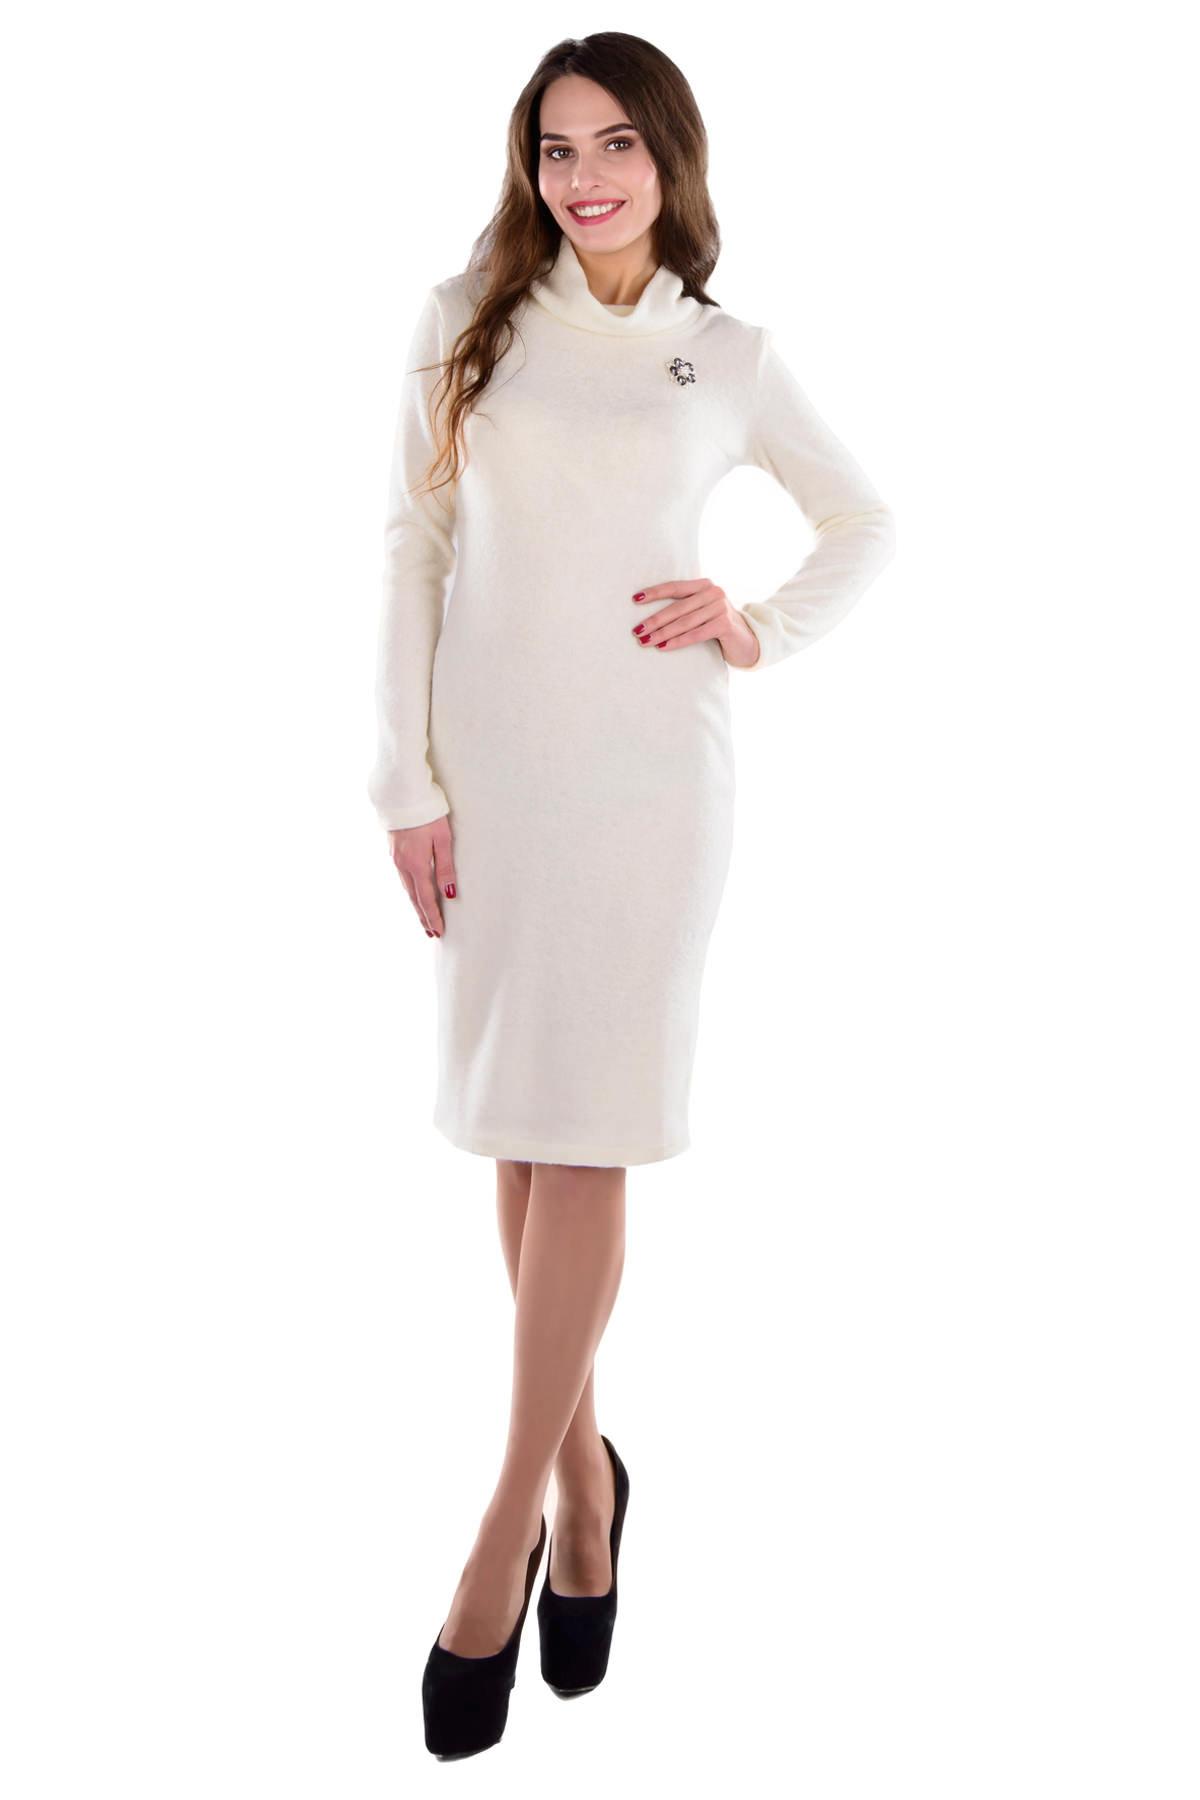 Купить платья женские оптом в Украине Платье Бриллил 4544